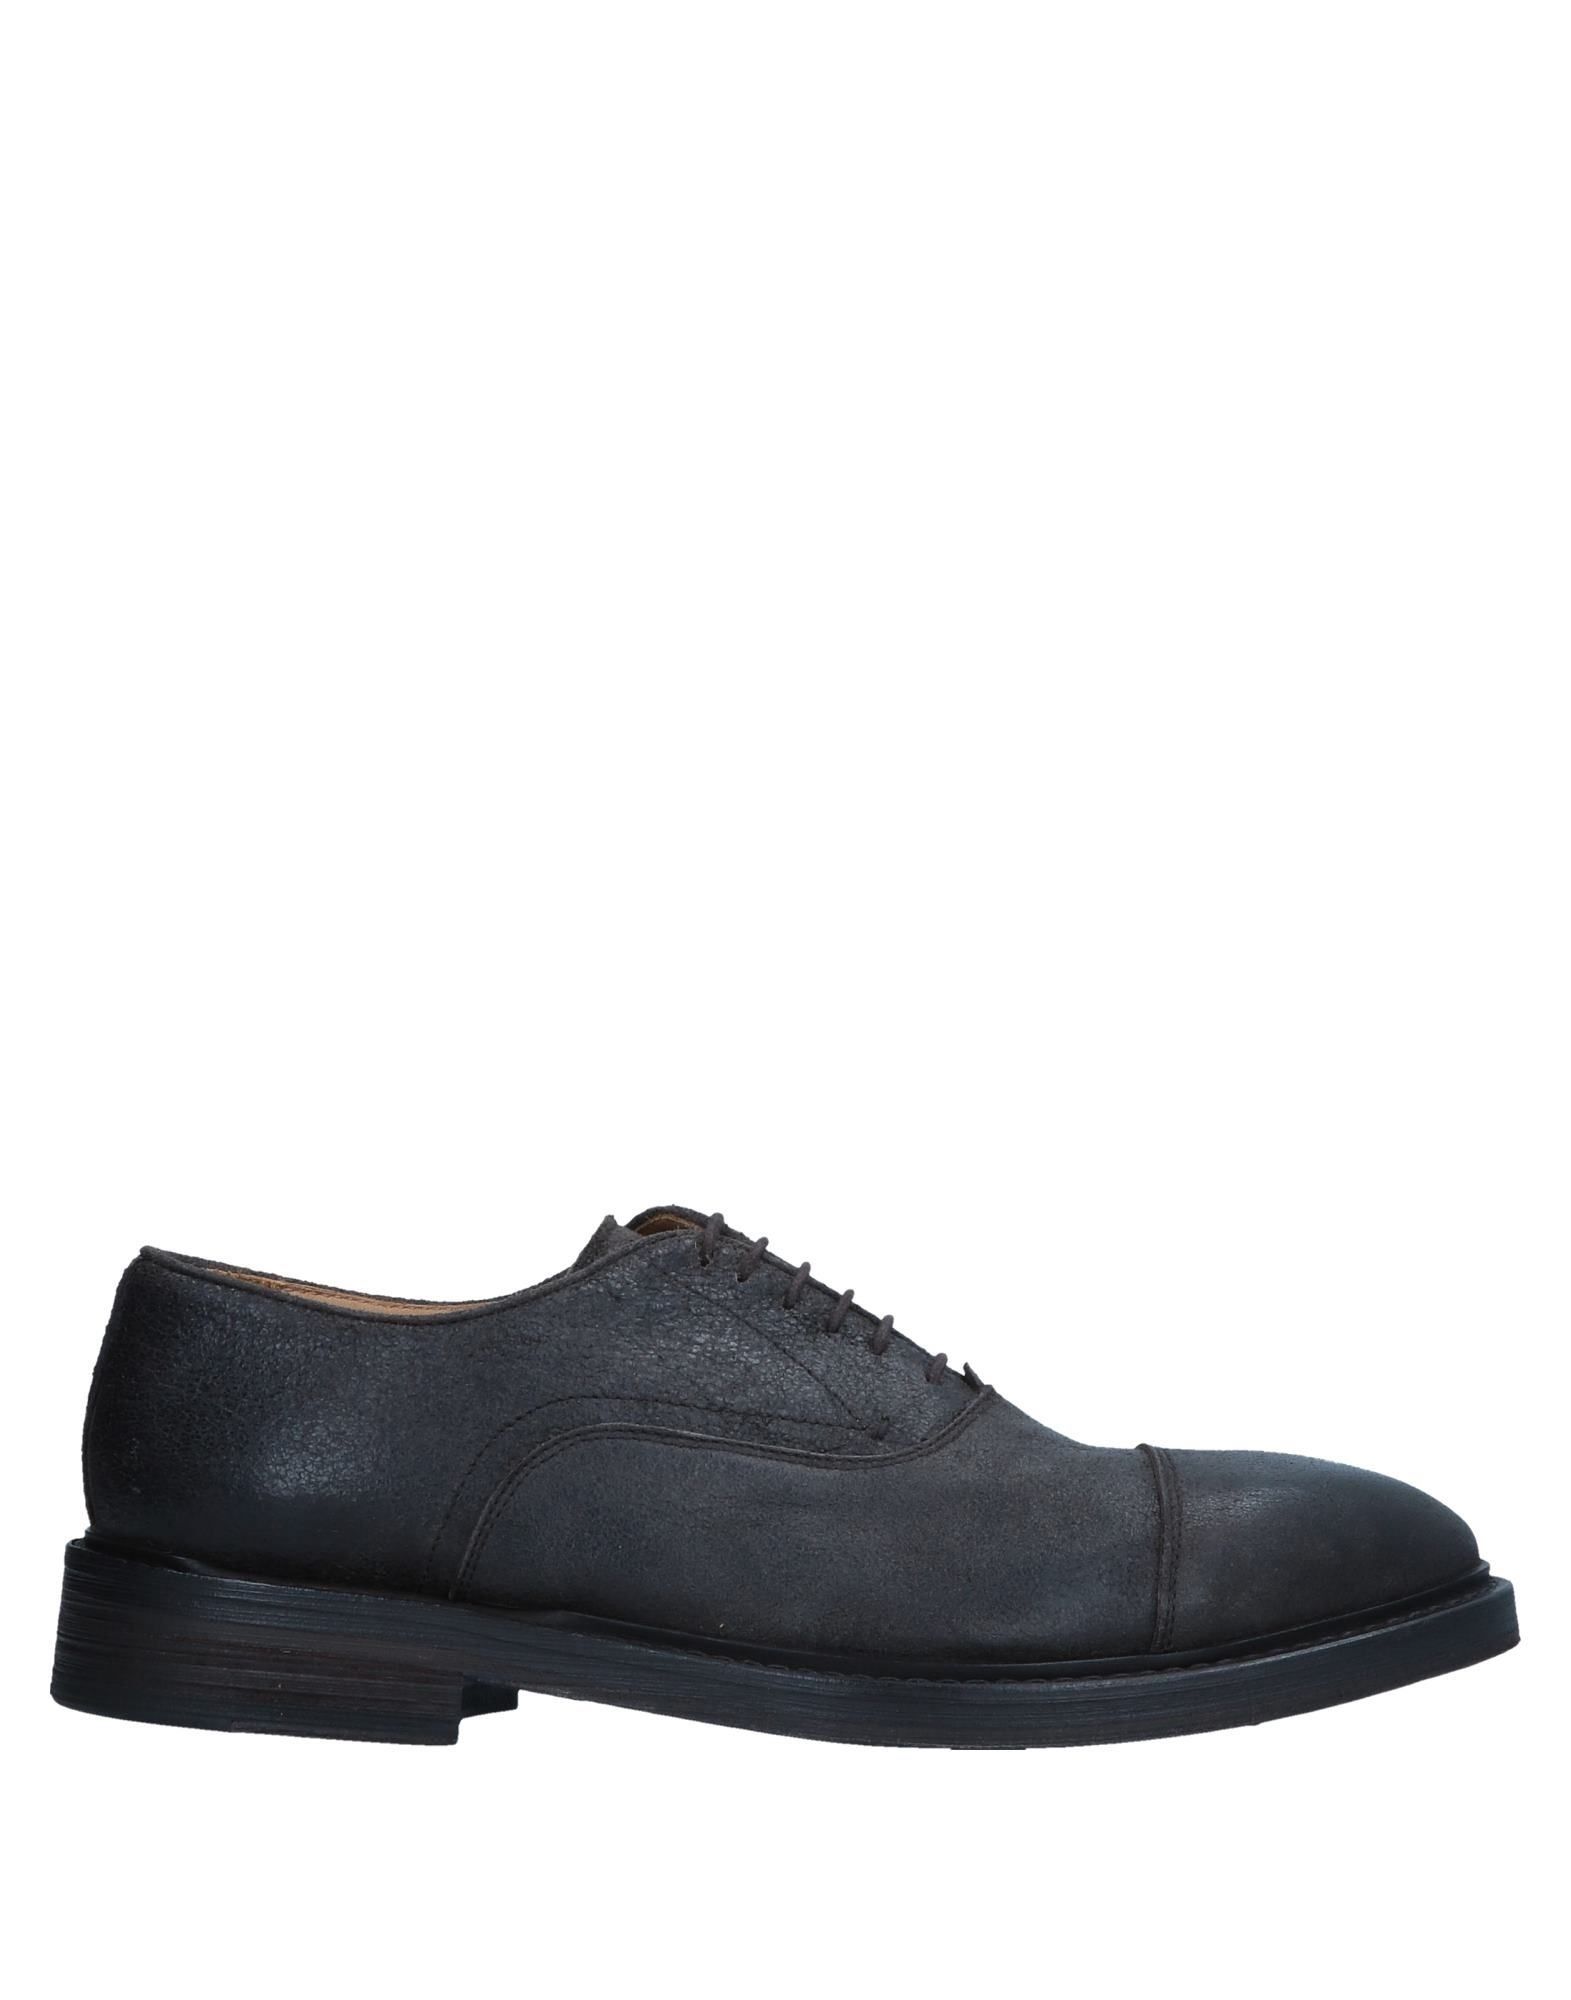 Rabatt echte Schuhe Migliore Schnürschuhe Herren  11552179AU